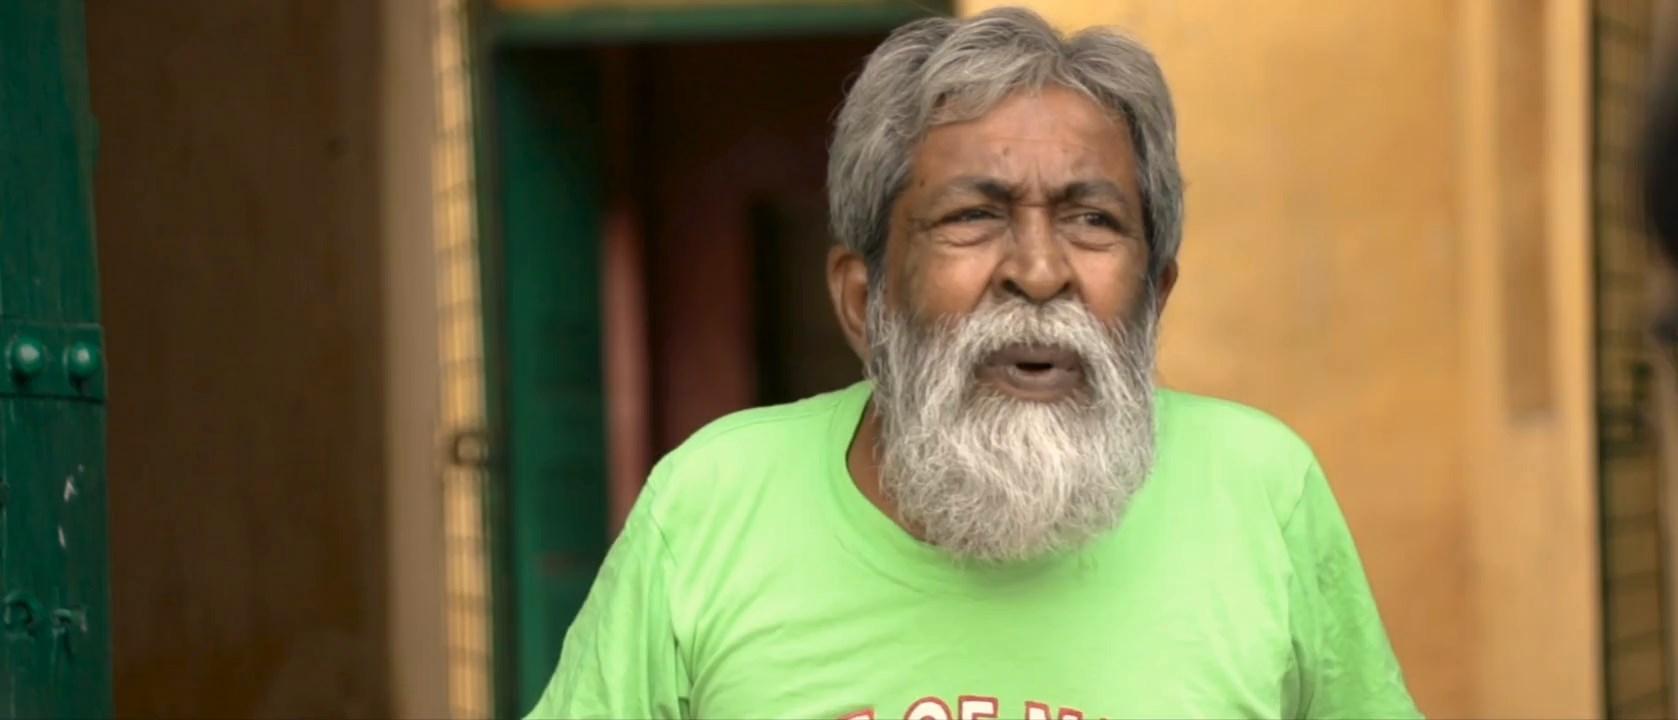 Jogakhichuri (2021) Bengali 720p HDRip.mkv snapshot 00.28.36.000